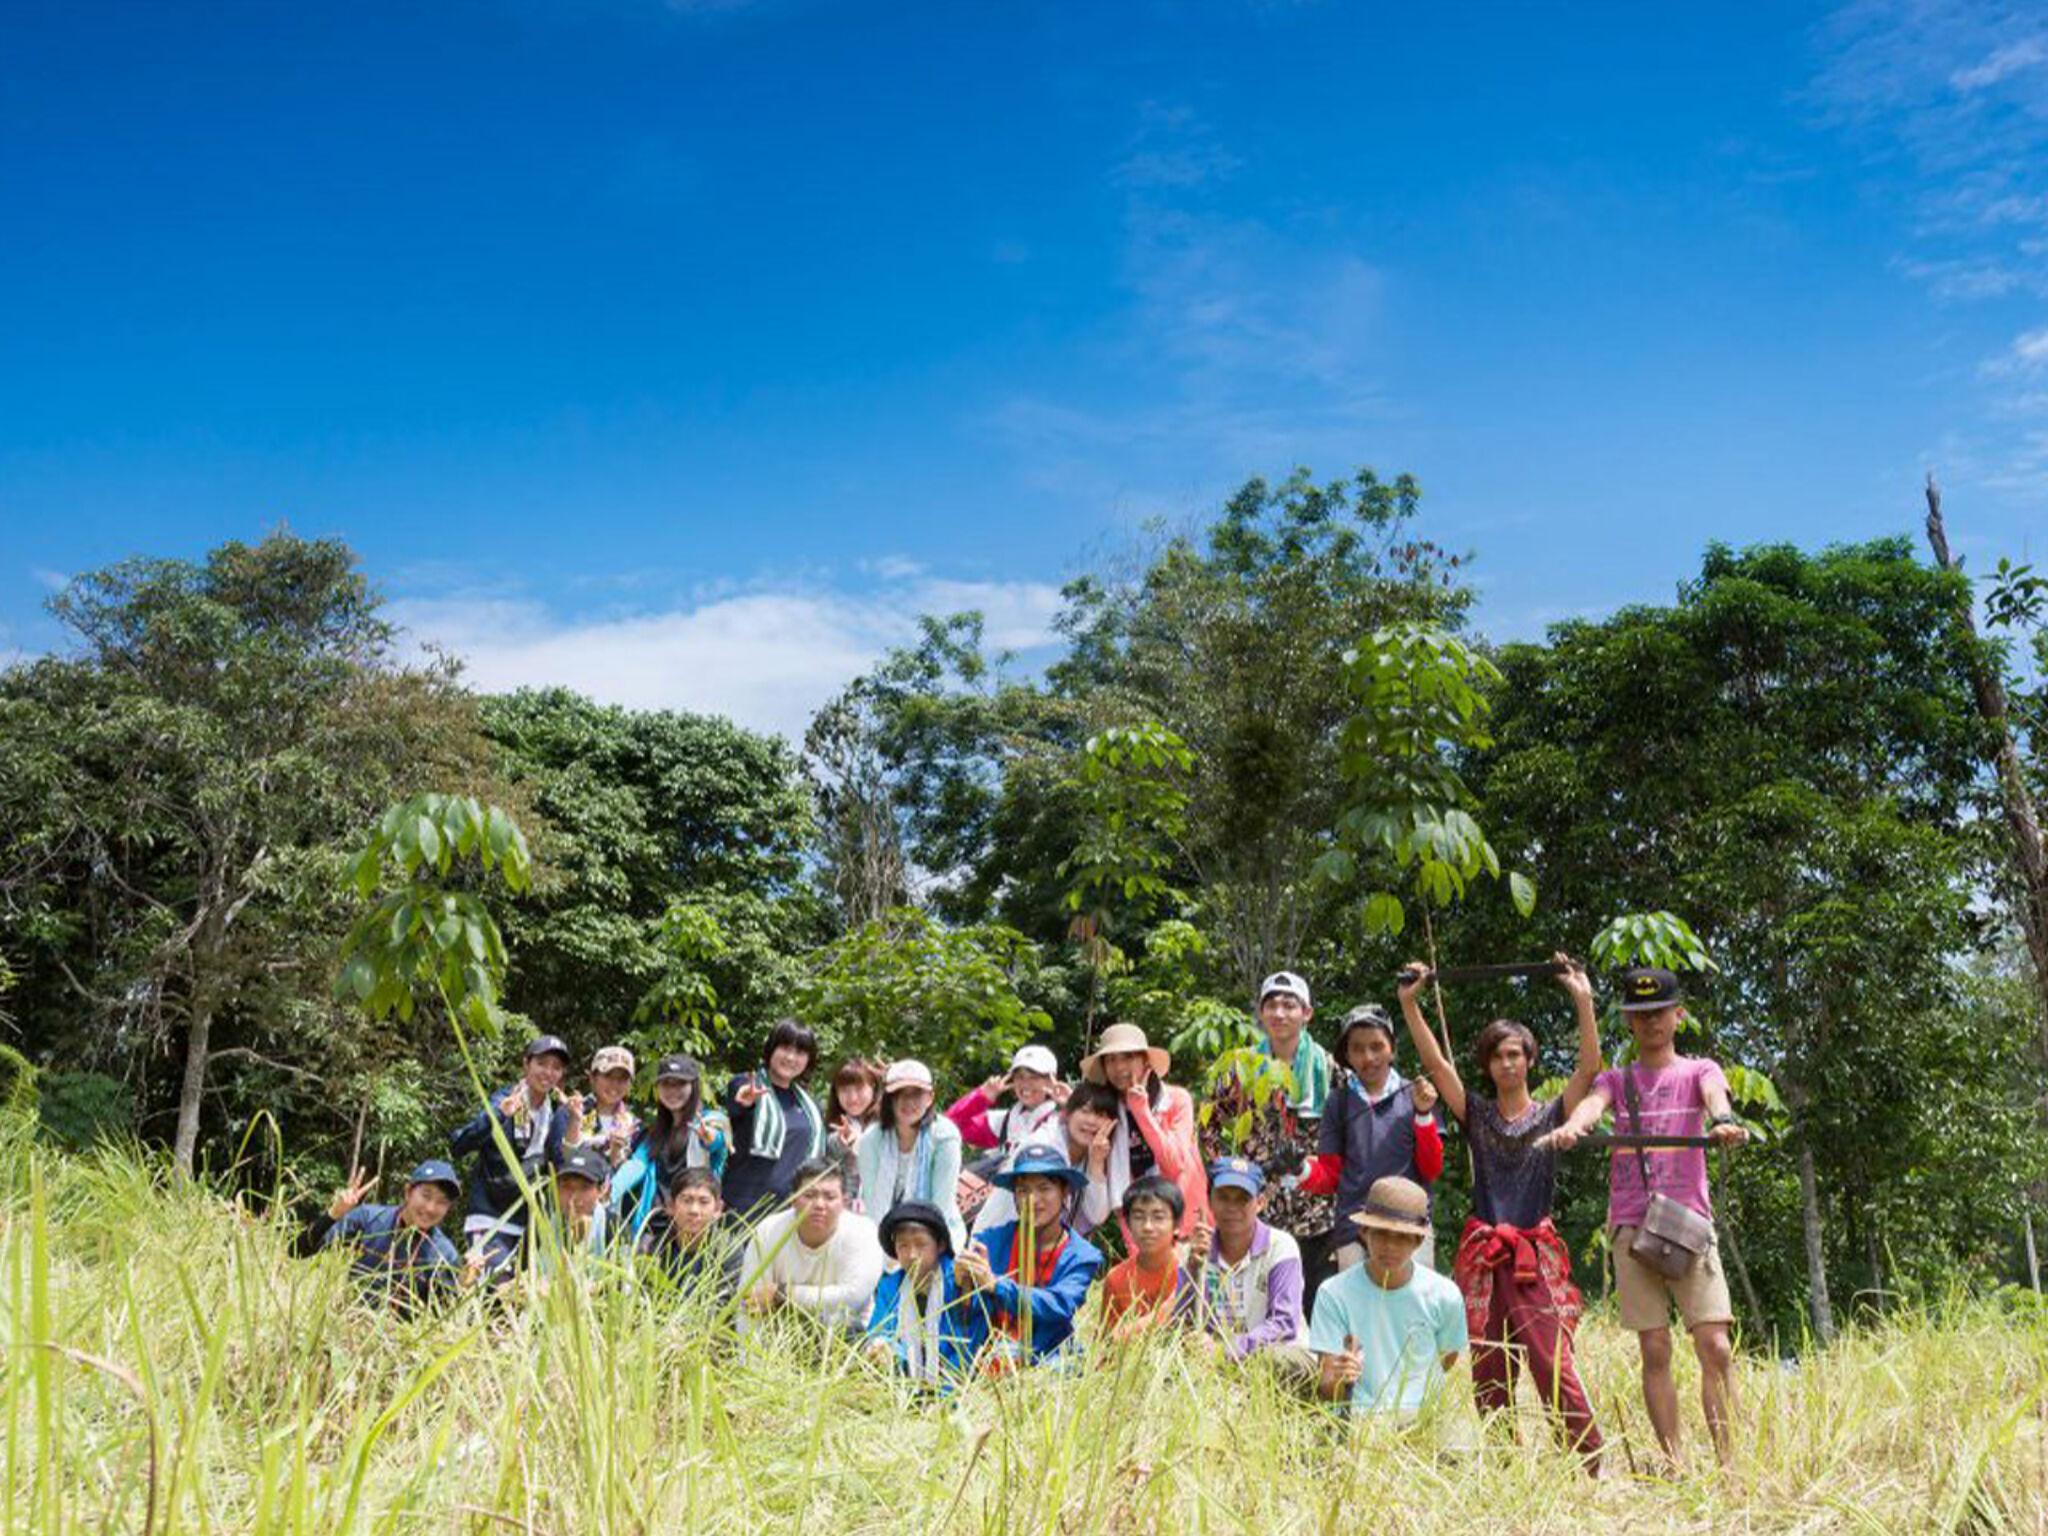 海外での活動で子どもたちが野原で集合している画像